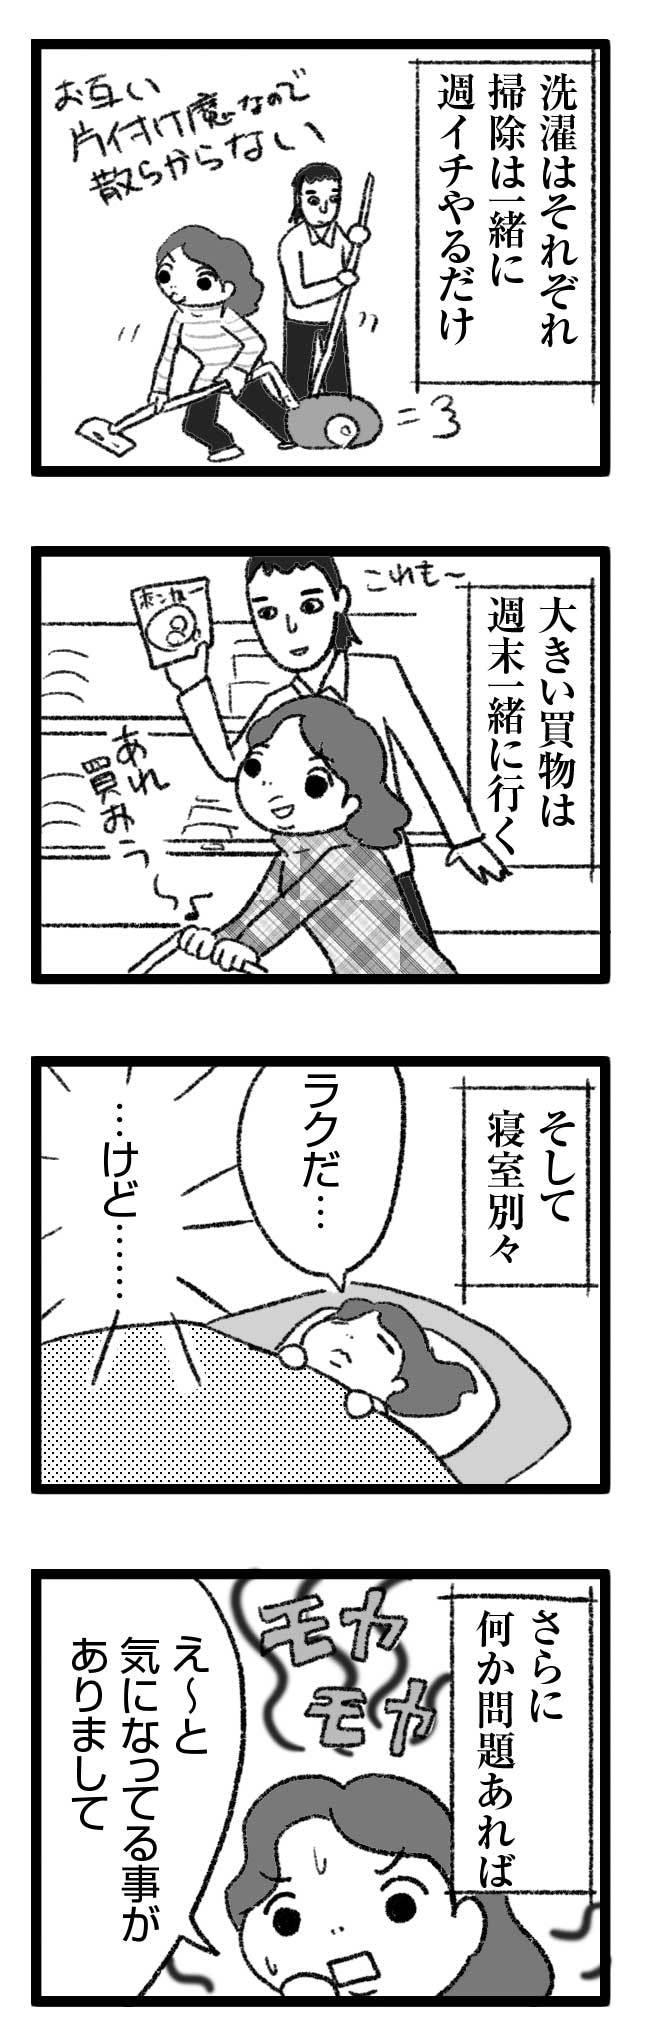 裕政さんのイイところ4 結婚 婚活 漫画 マンガ まんが レス セックスレス プロポーズ